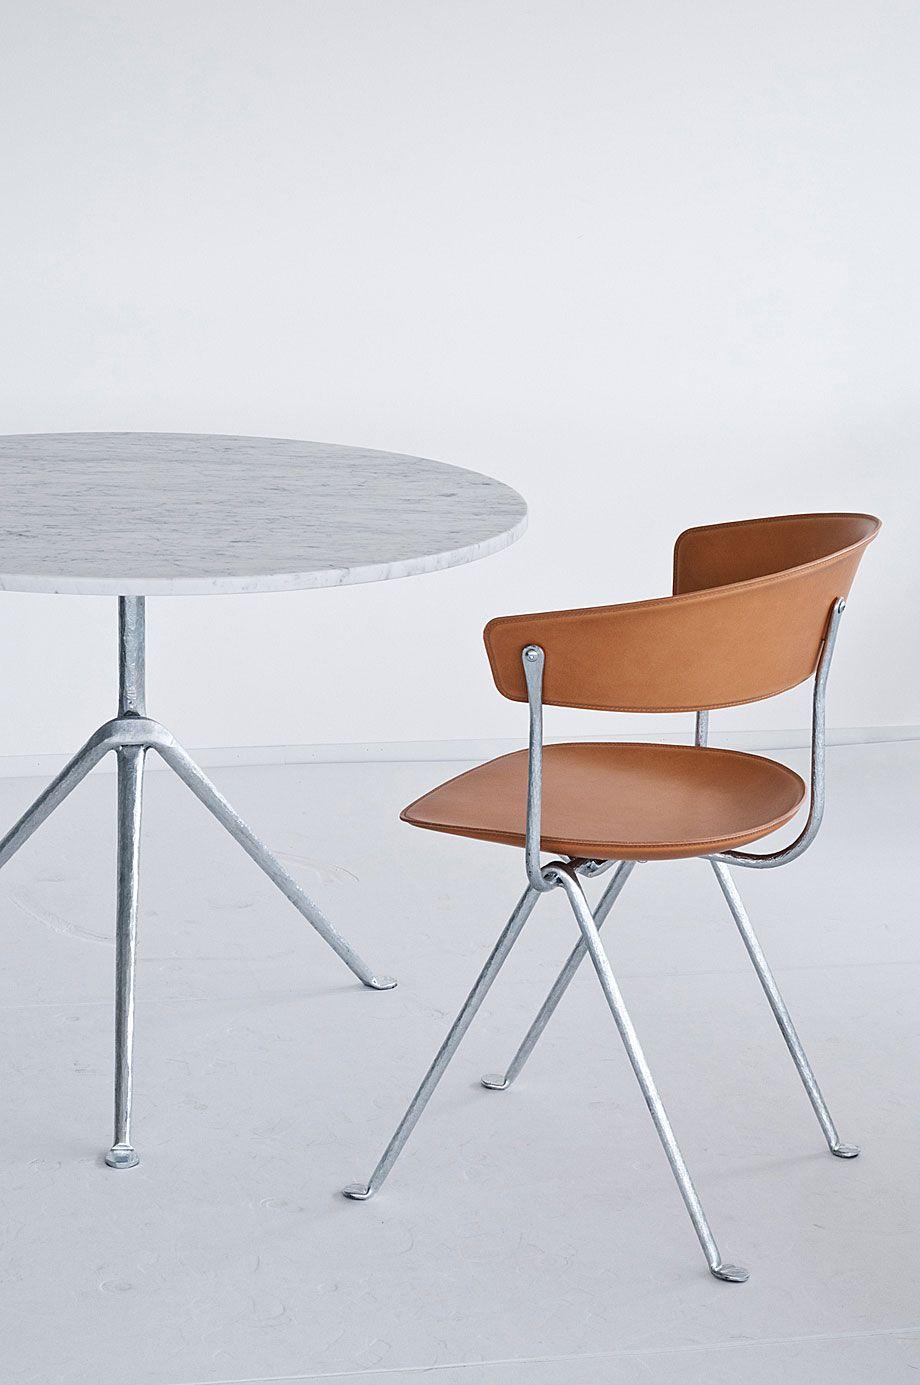 Officina es una colección de mesas, sillas y taburetes de los hermanos Bouroullec donde se explora la técnica de la forja, interpretándola en clave contemporánea